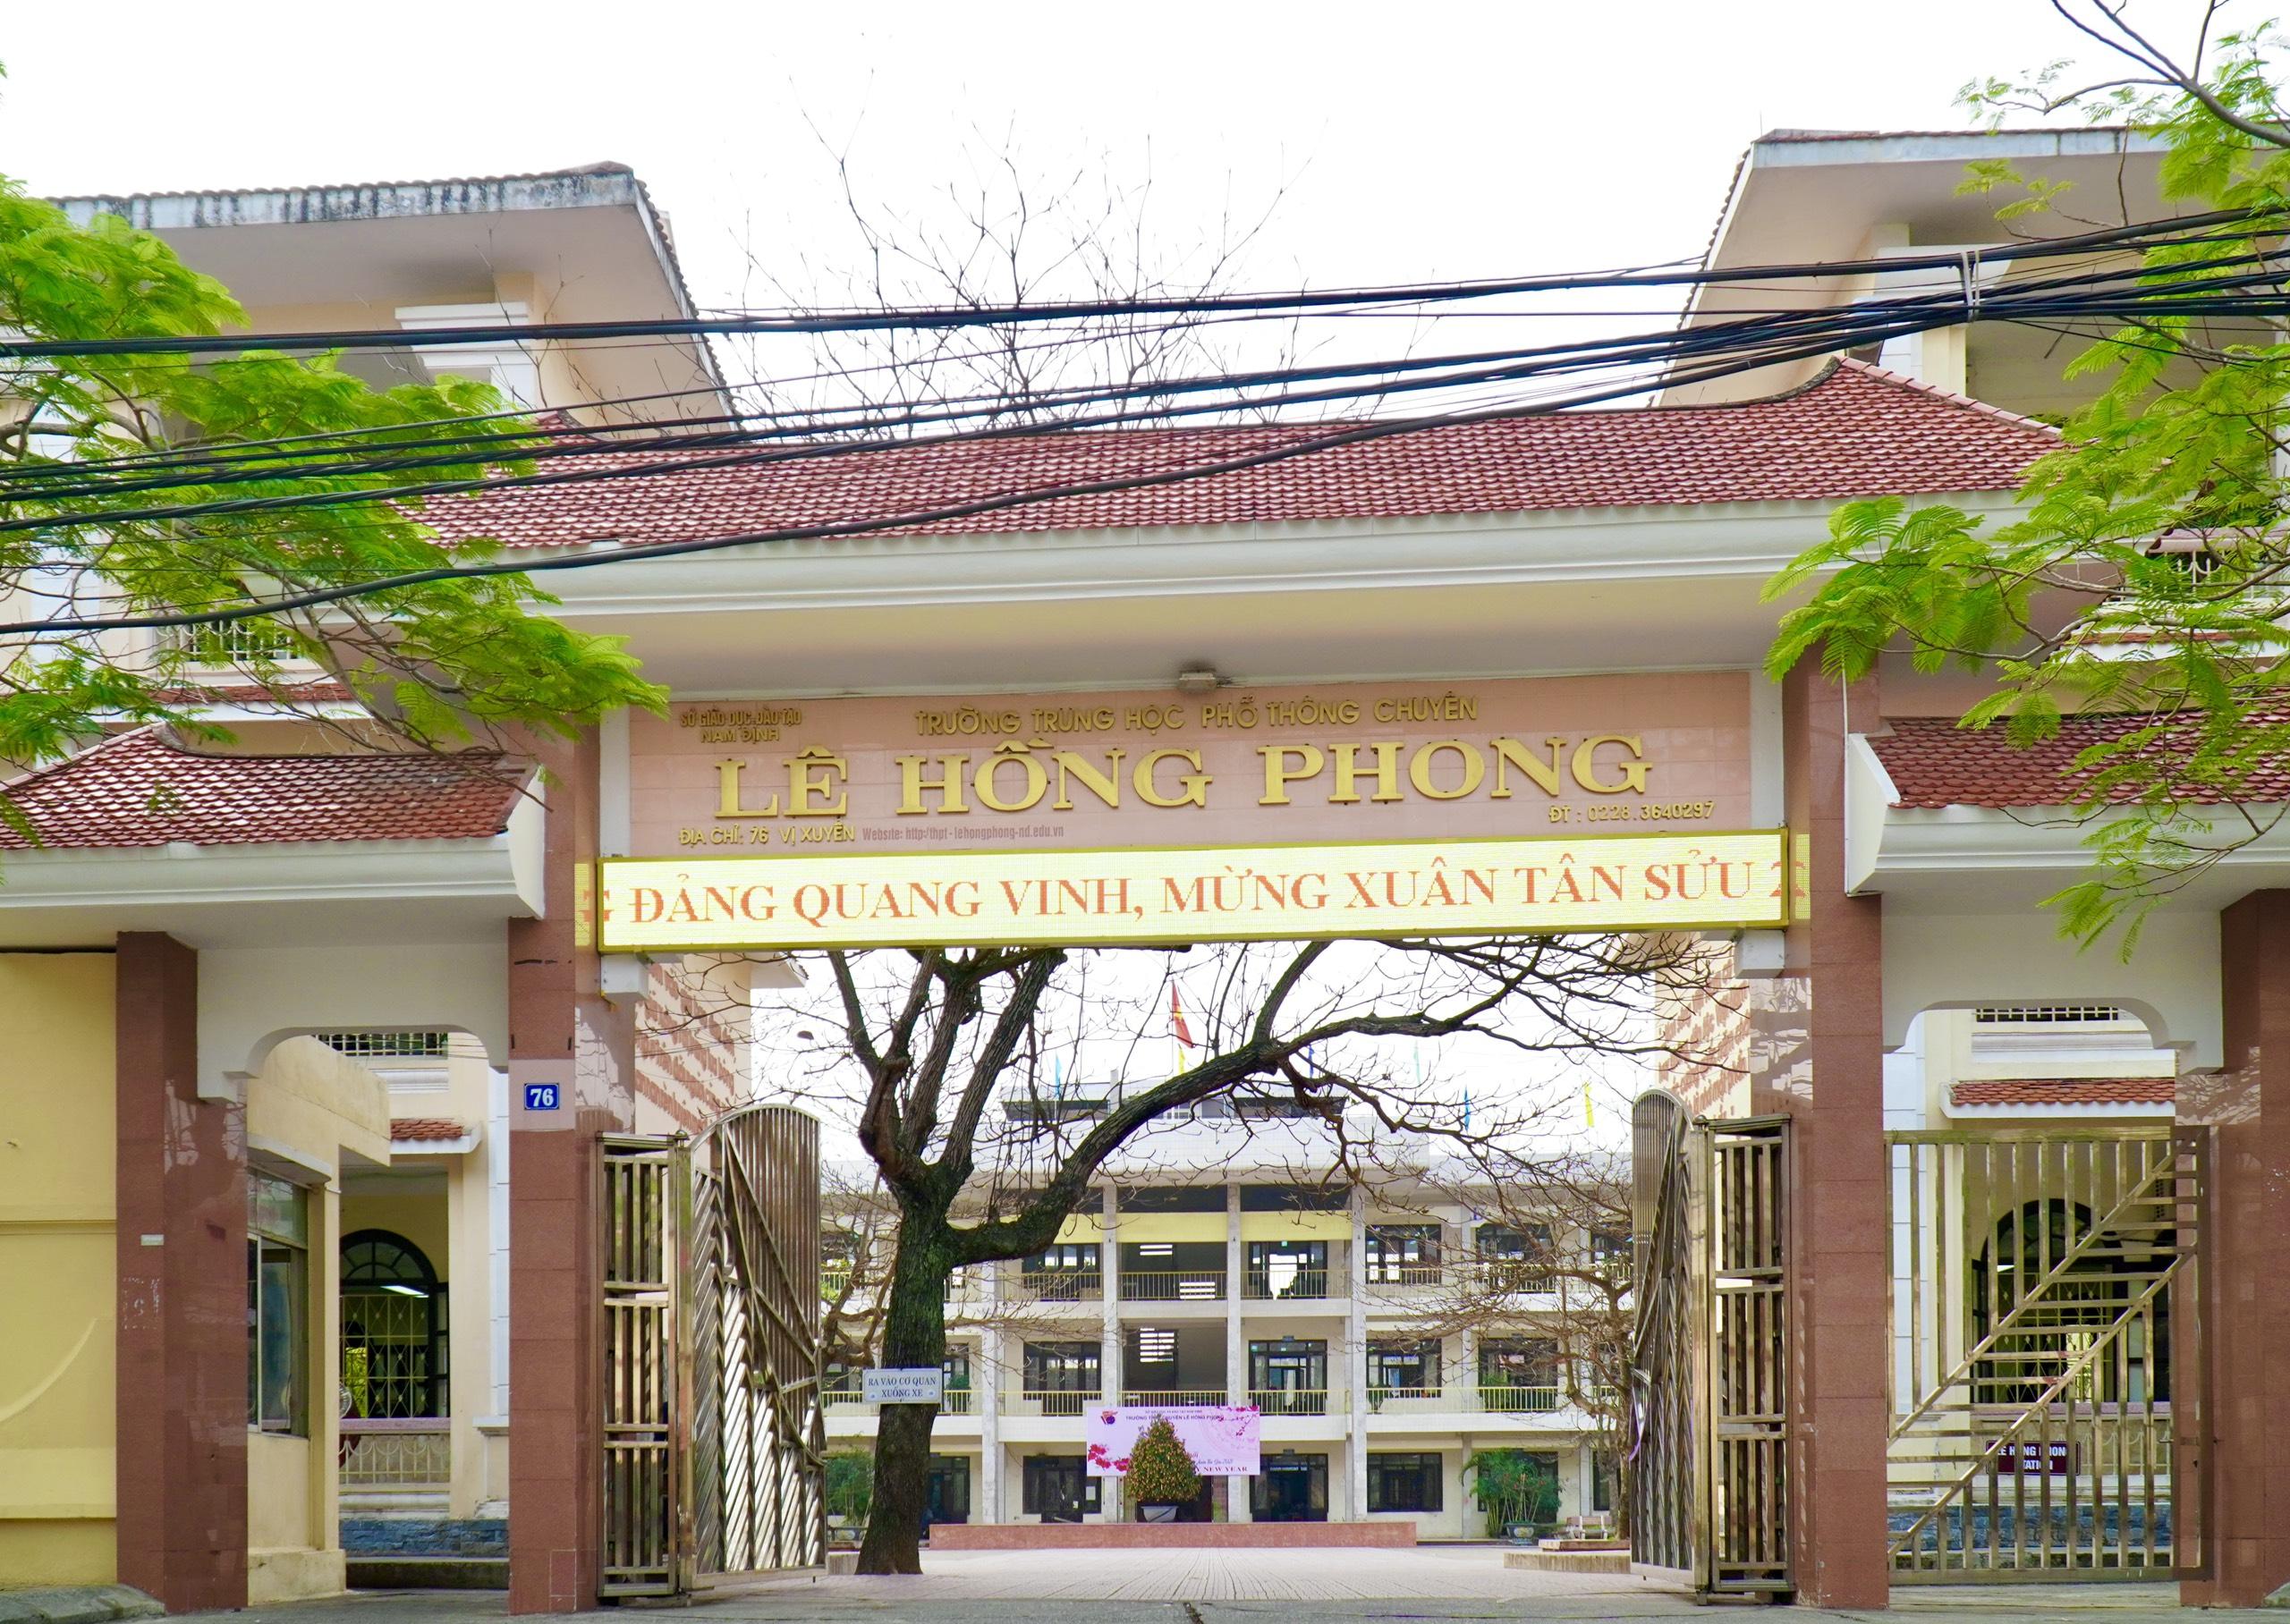 Chương trình chào Xuân Tân Sửu 2021 (trực tuyến) và ngày làm việc đầu tiên của thầy trò trường THPT chuyên Lê Hồng Phong, Nam Định